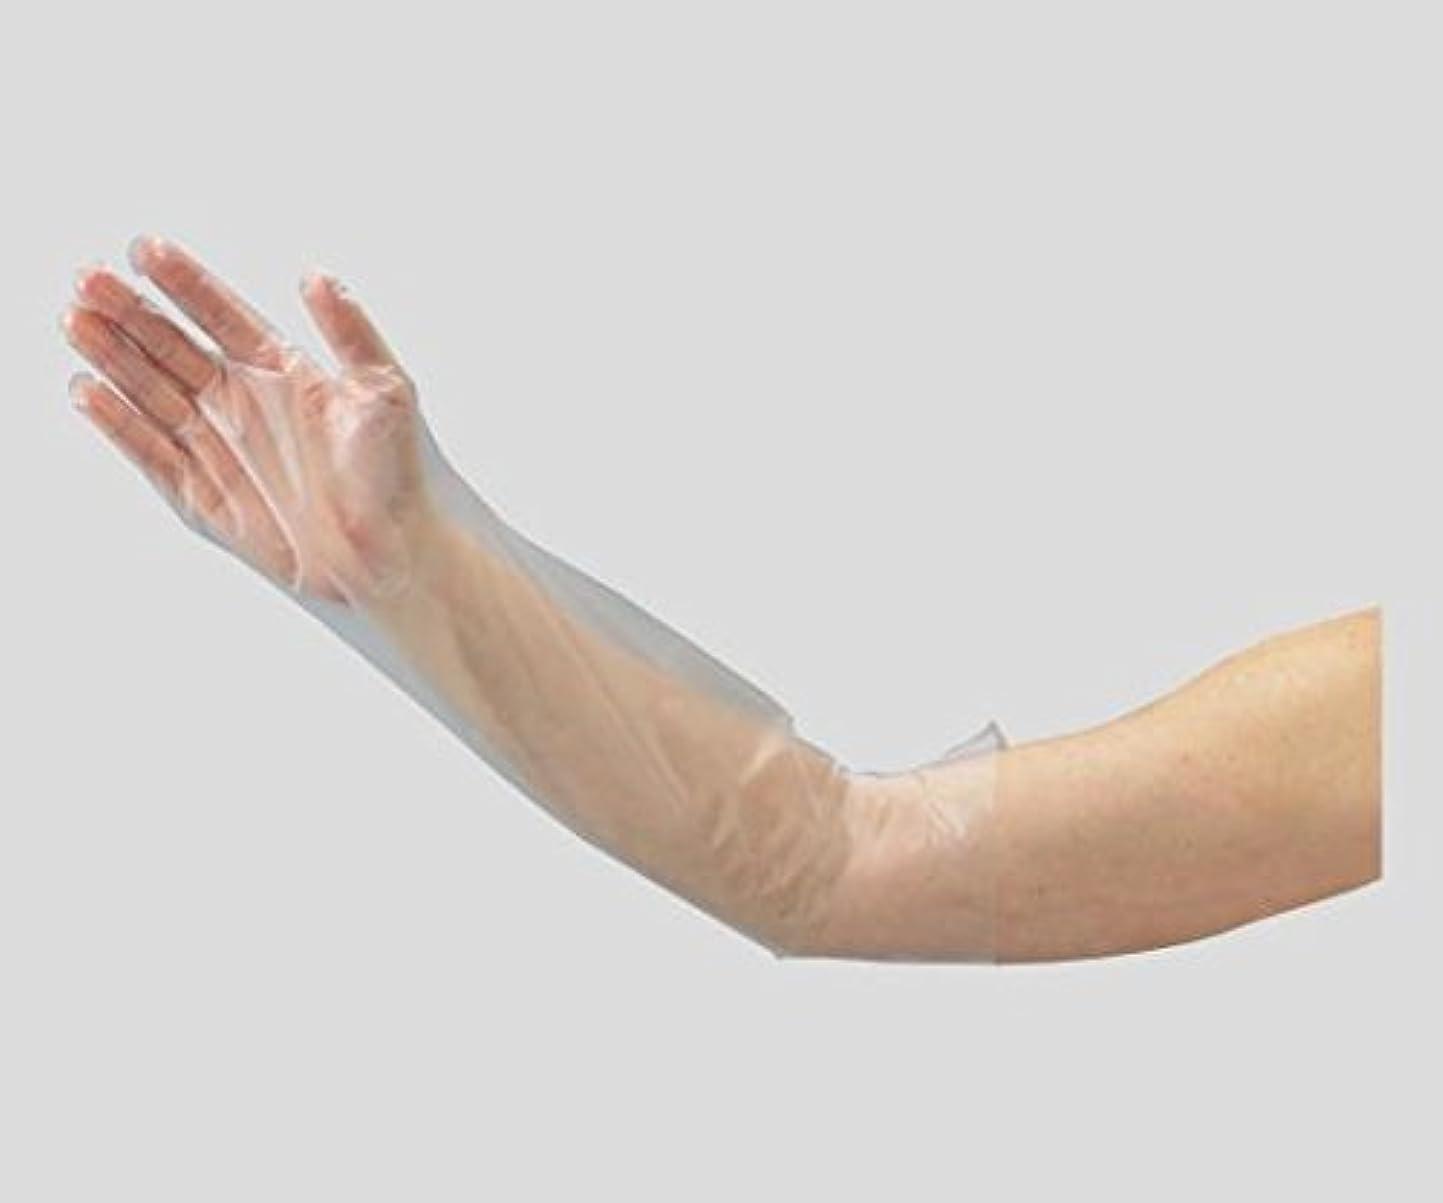 特異な内側感度2-9757-02ポリエチレンロング手袋(ひじピタ)M100枚入